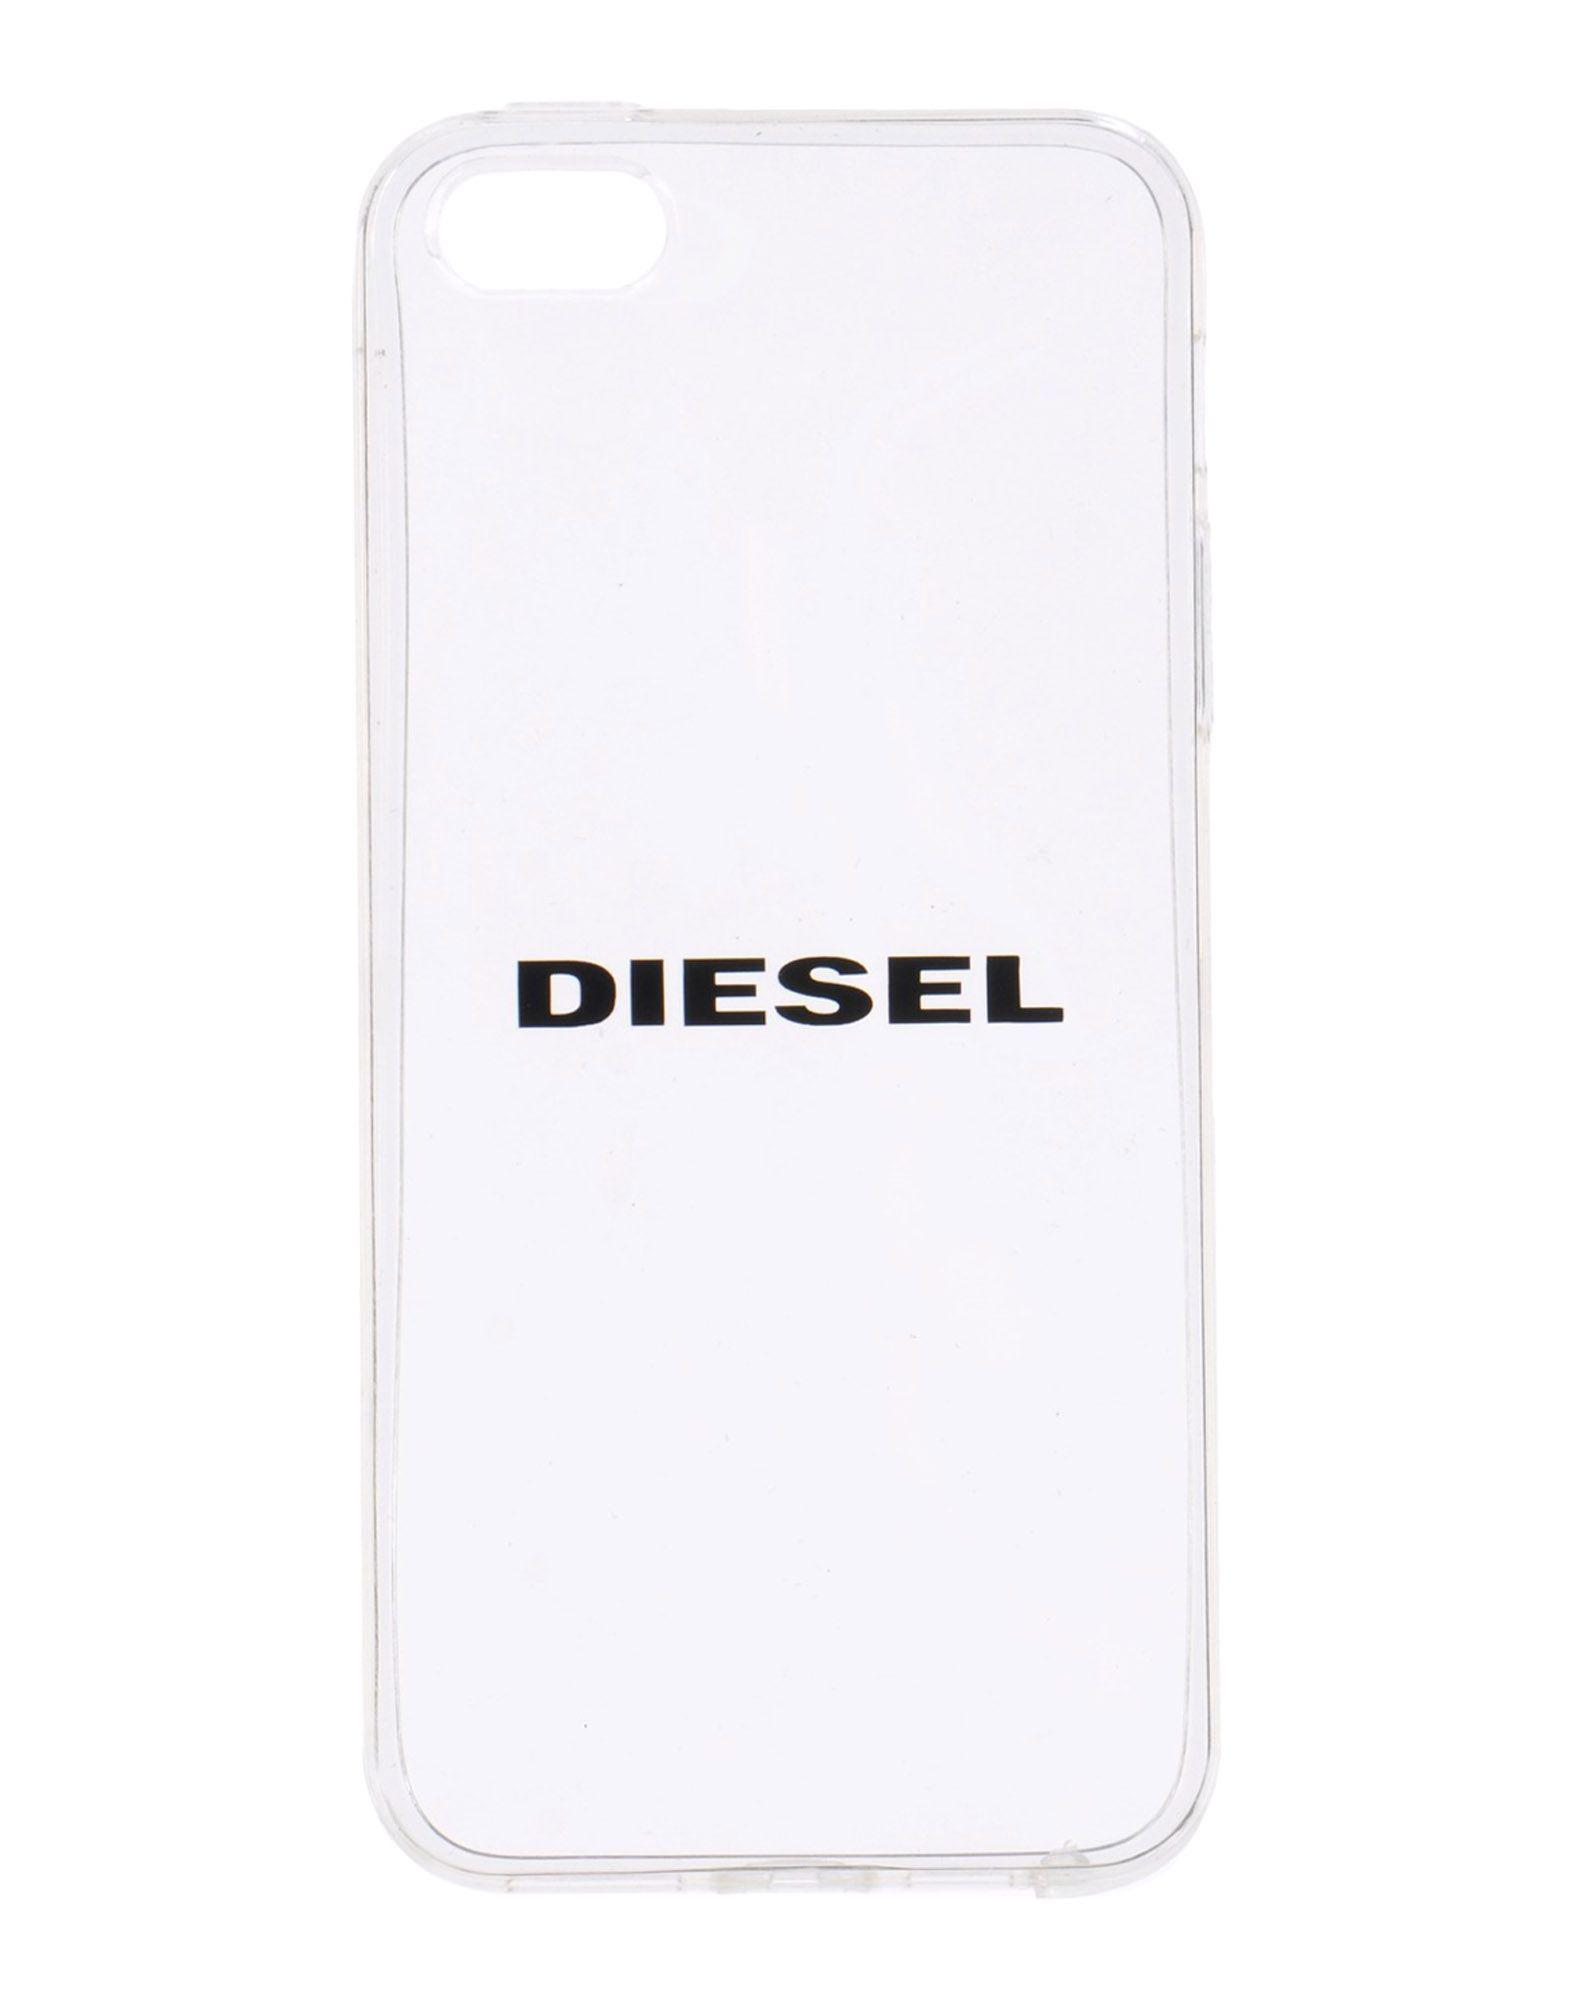 HI-TECH - Hi-tech Accessories Diesel mjdsKAs